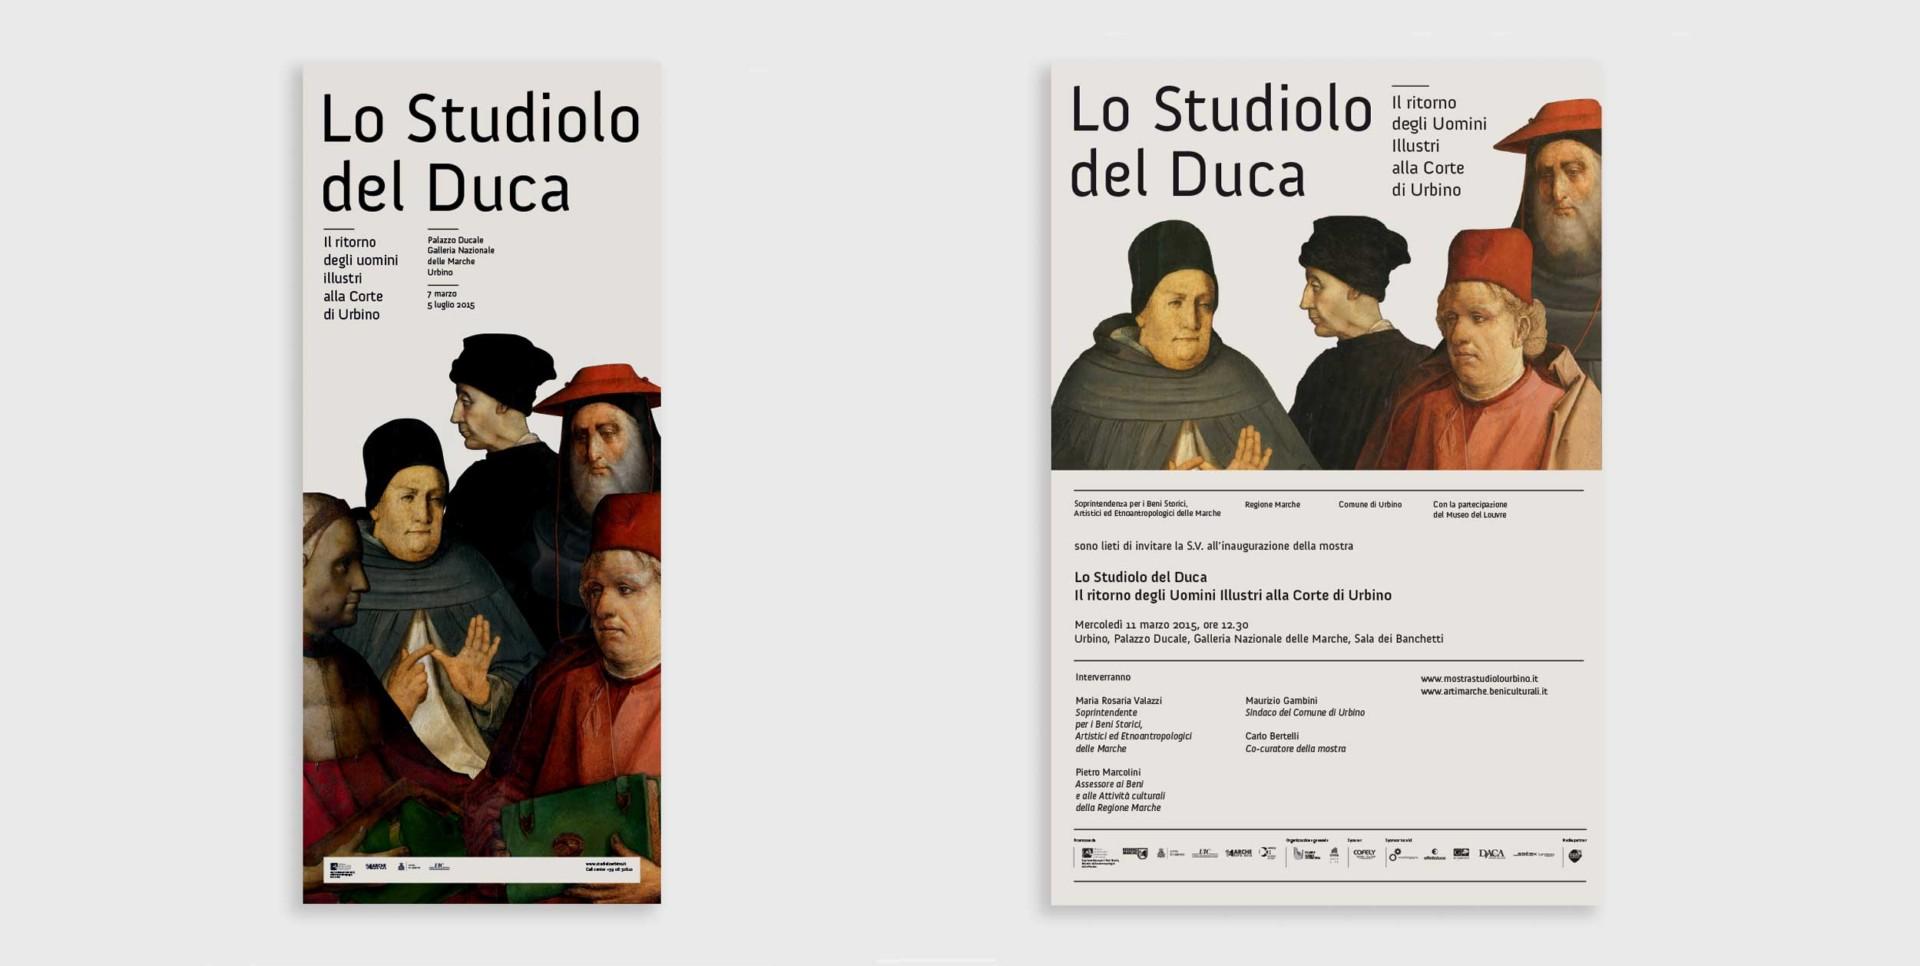 Isotype Lo Studiolo del Duca